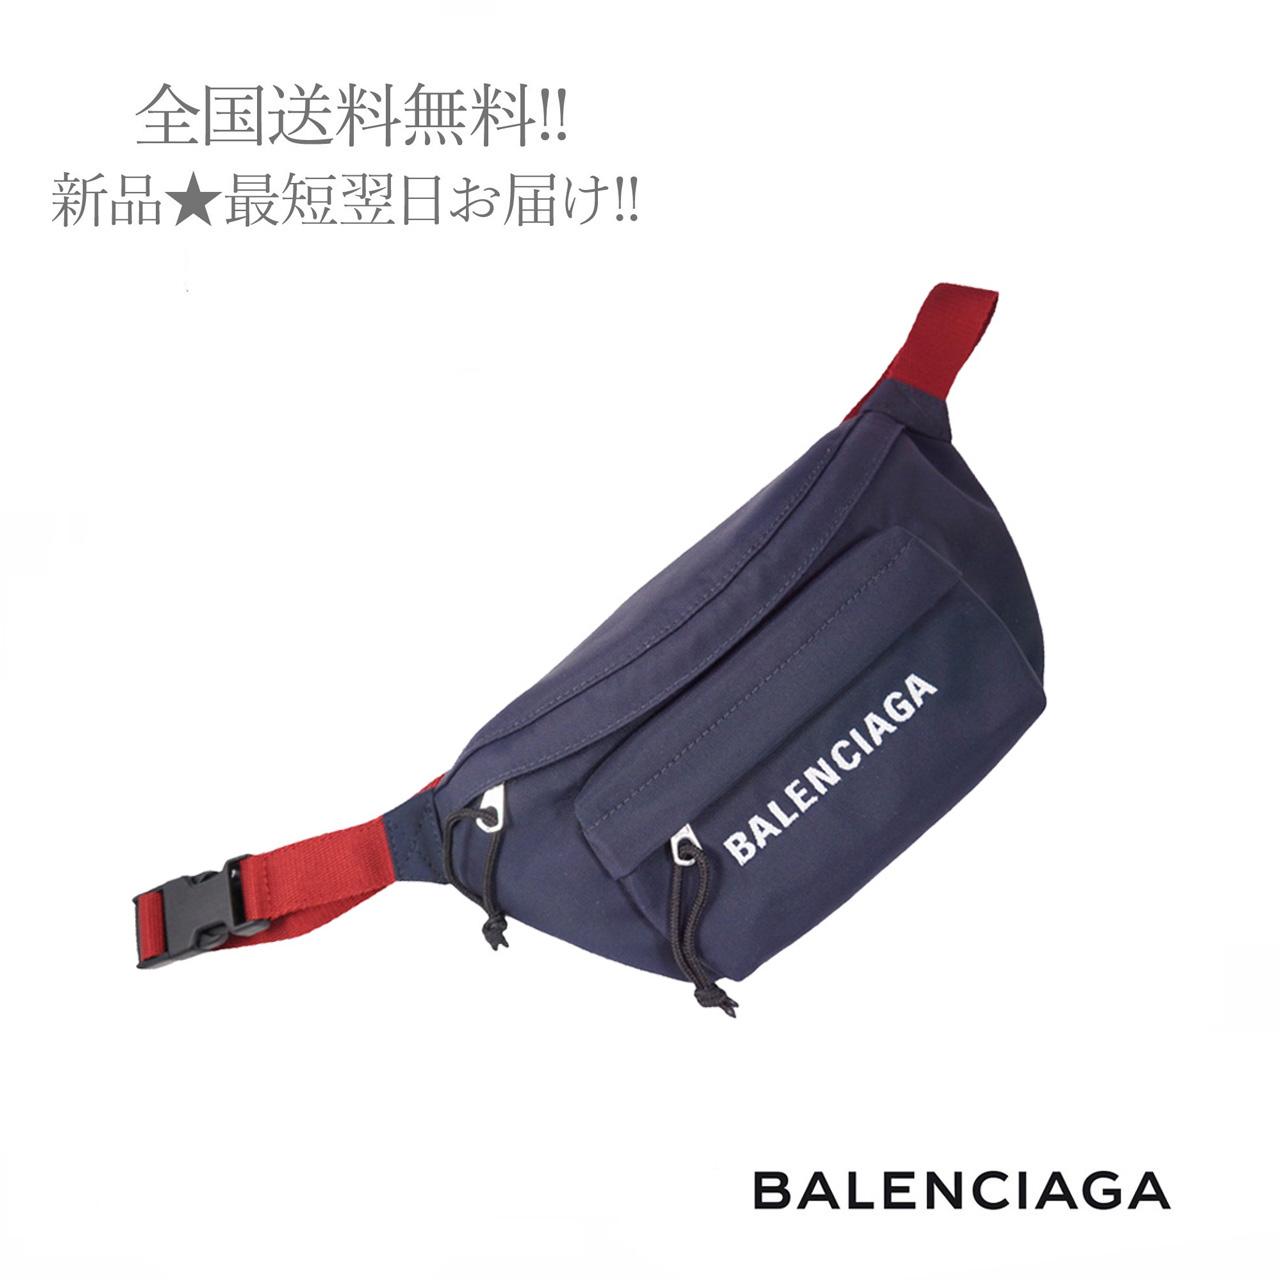 ◆高品質 BALENCIAGA バレンシアガ ベルトバッグ WHEEL BELT 高級な PACK ウィール ロゴ イタリア製 S メンズ ネイビー × 新品 レッドベルト 男 4370